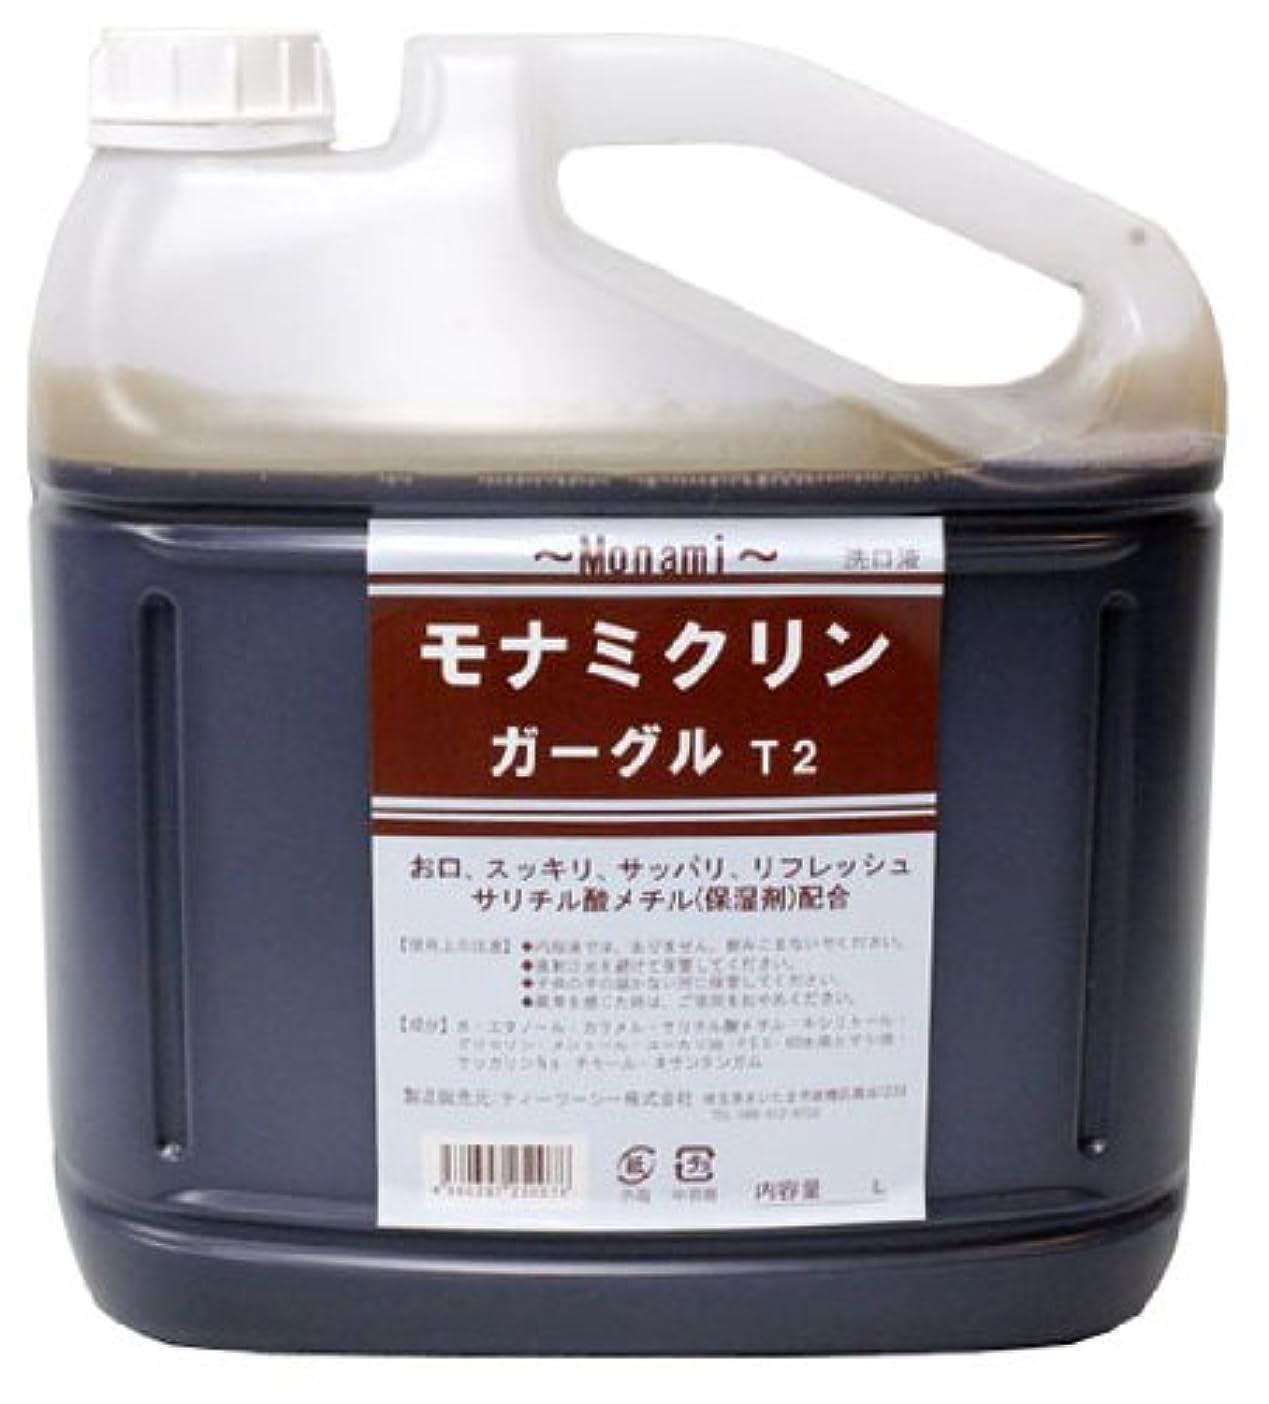 影ゴージャス顧問【業務用】モナミ クリンガーグルT2 5リットル サリチル酸メチル配合